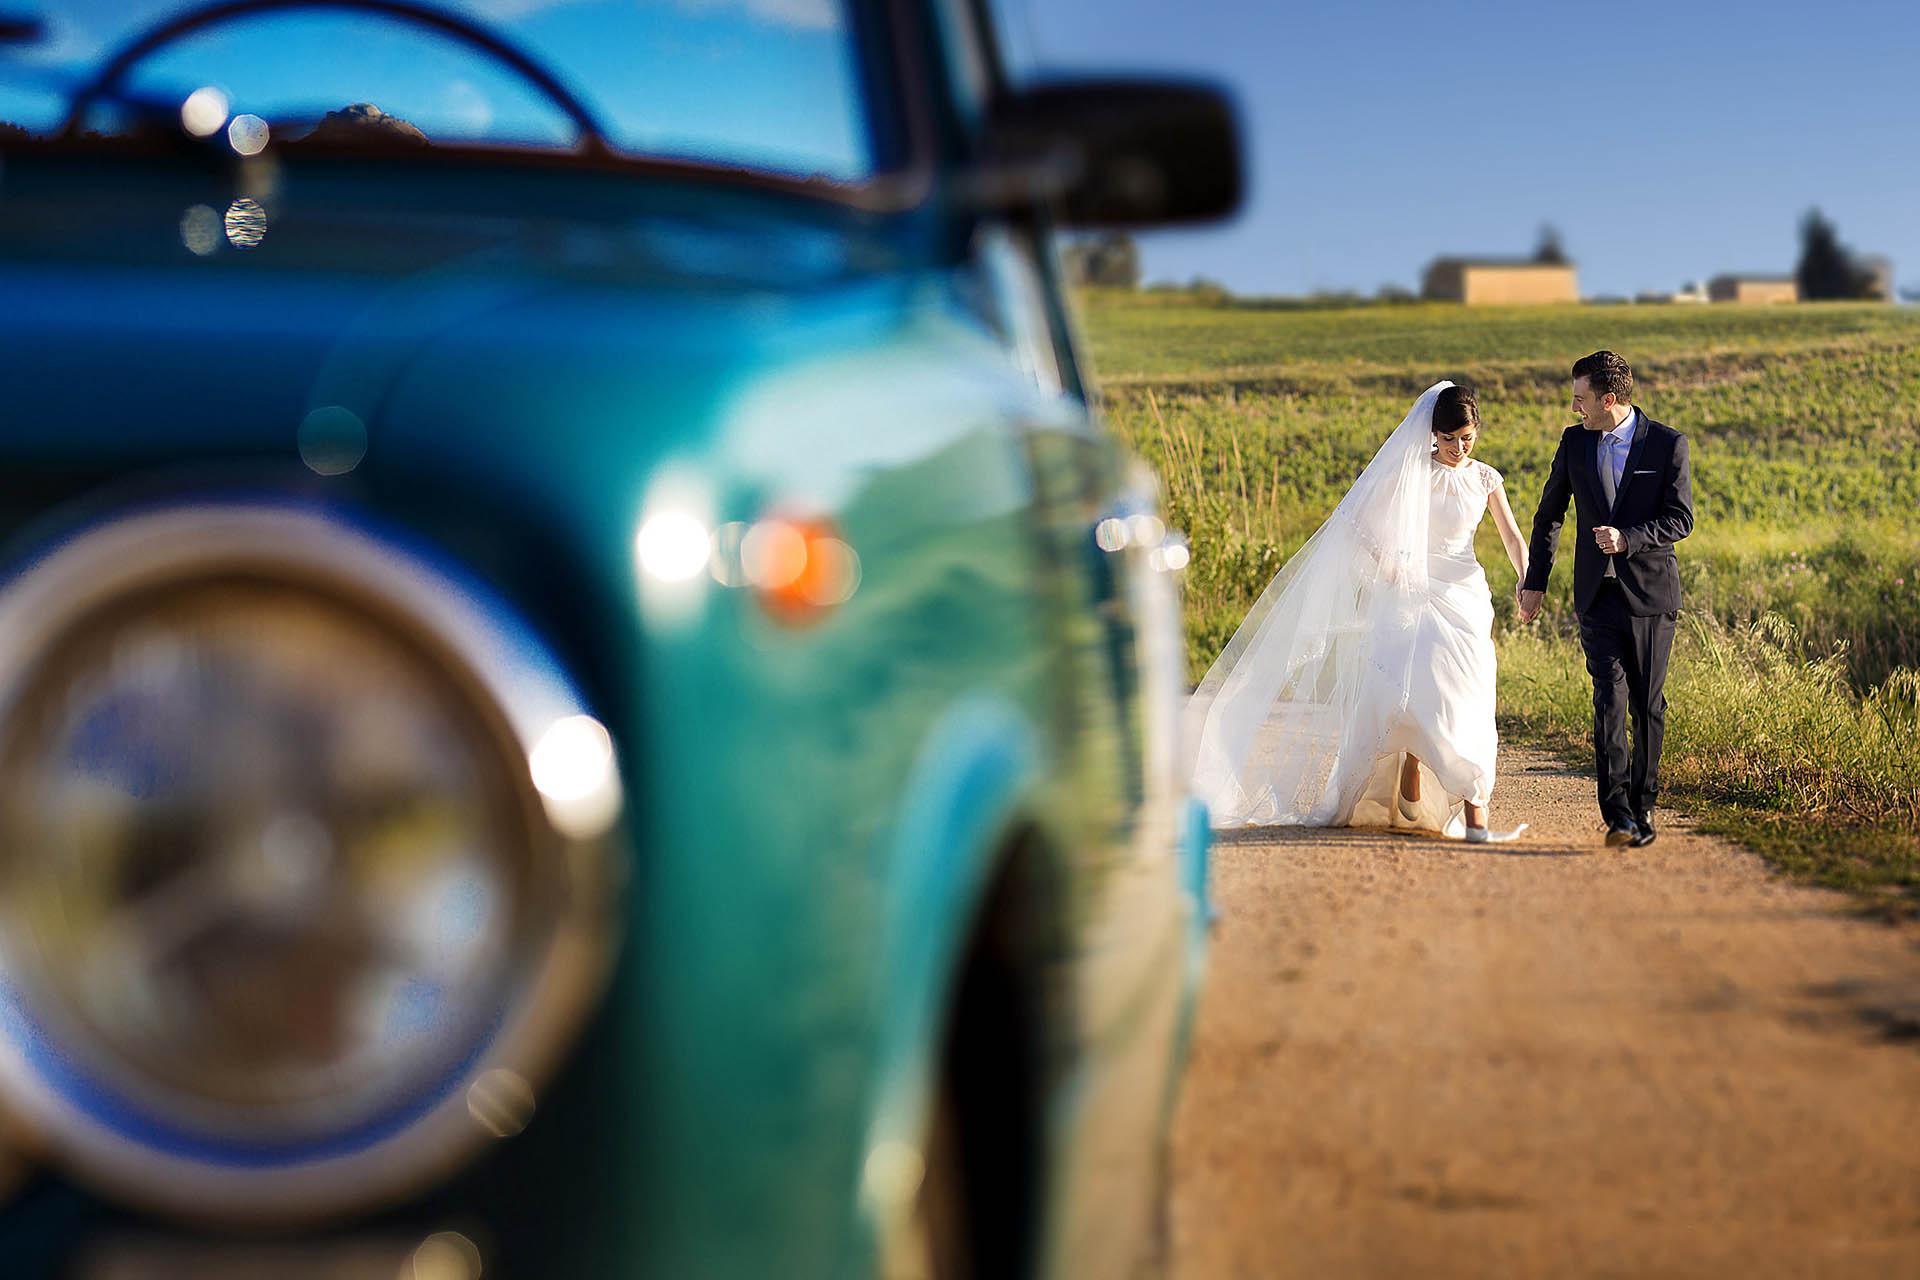 Fotografia di matrimonio nei campi siciliani